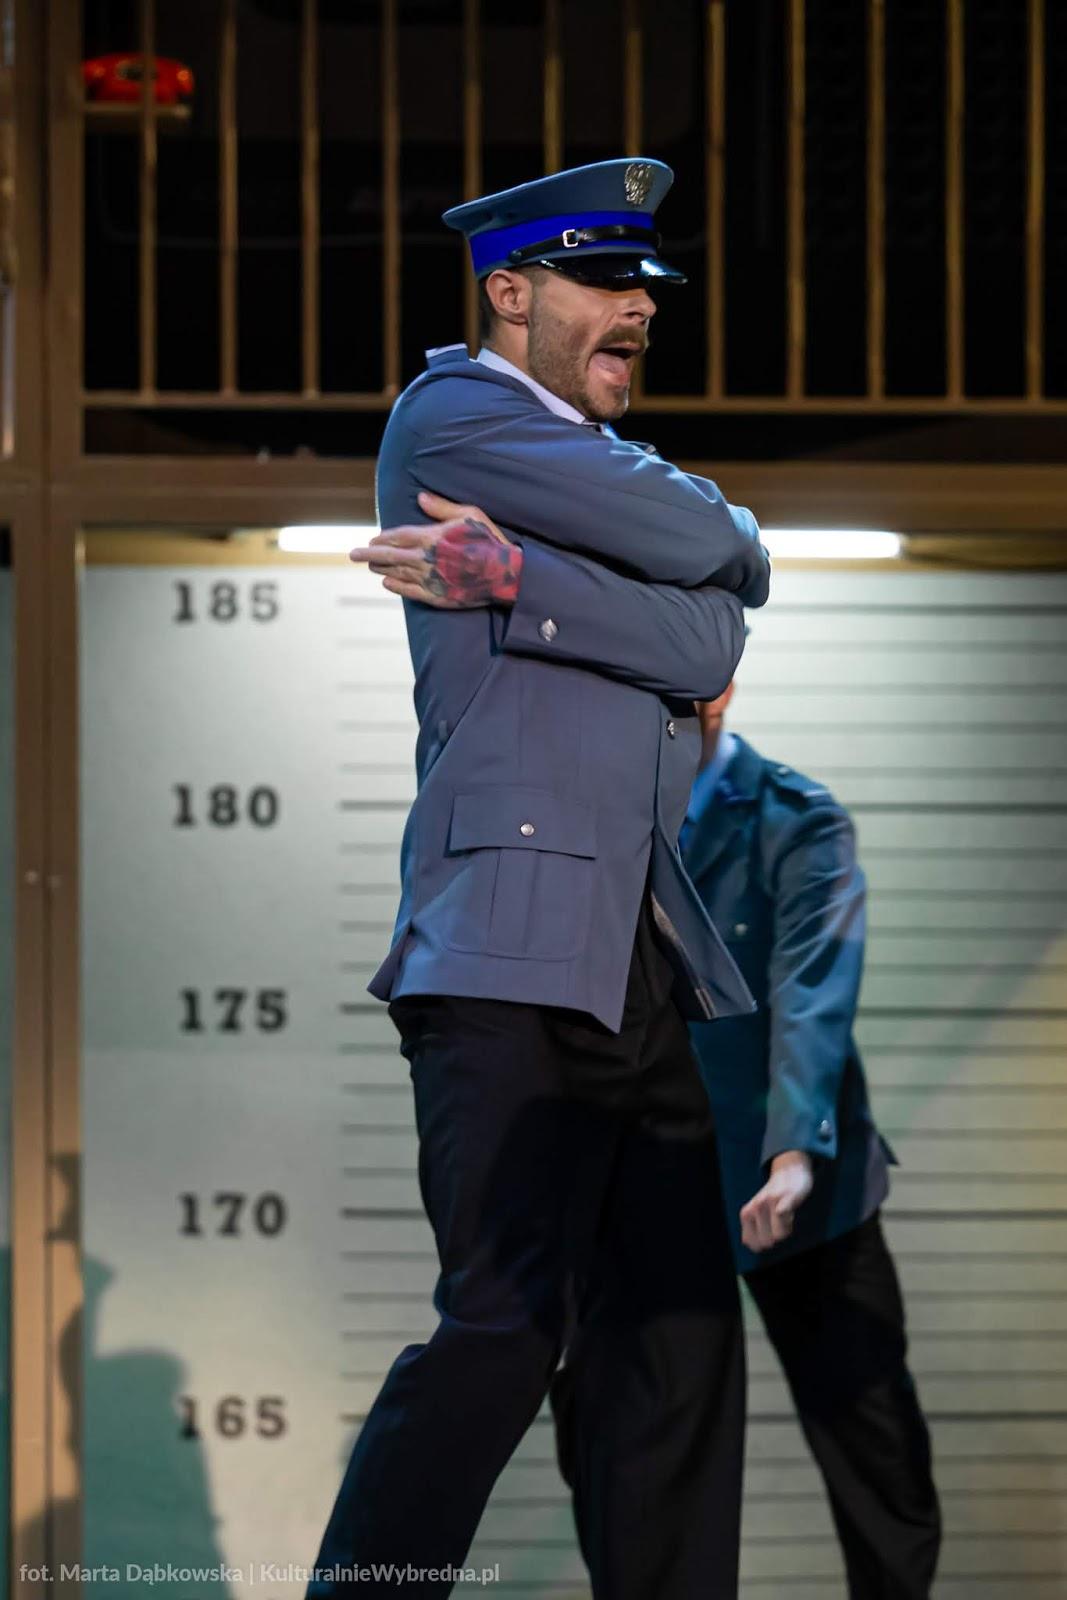 musical Kapitan Żbik i Żółty Saturator Teatr Syrena zdjęcia Łukasz Szczepanik Iga Rudnicka Dariusz Kowalewski